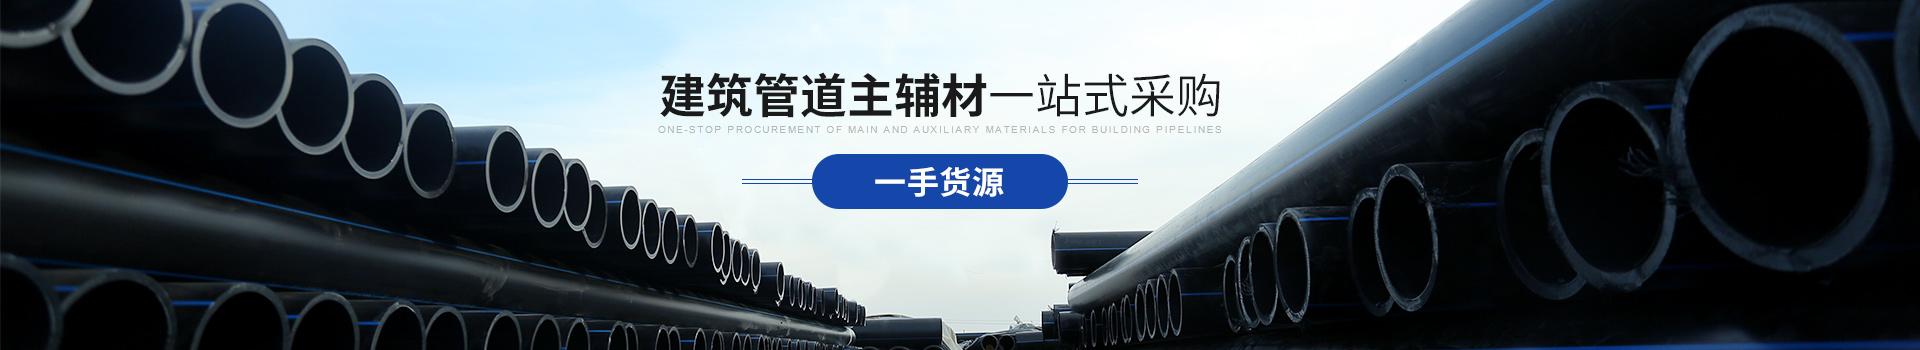 东宏东升:建筑管道主辅材 一站式采购